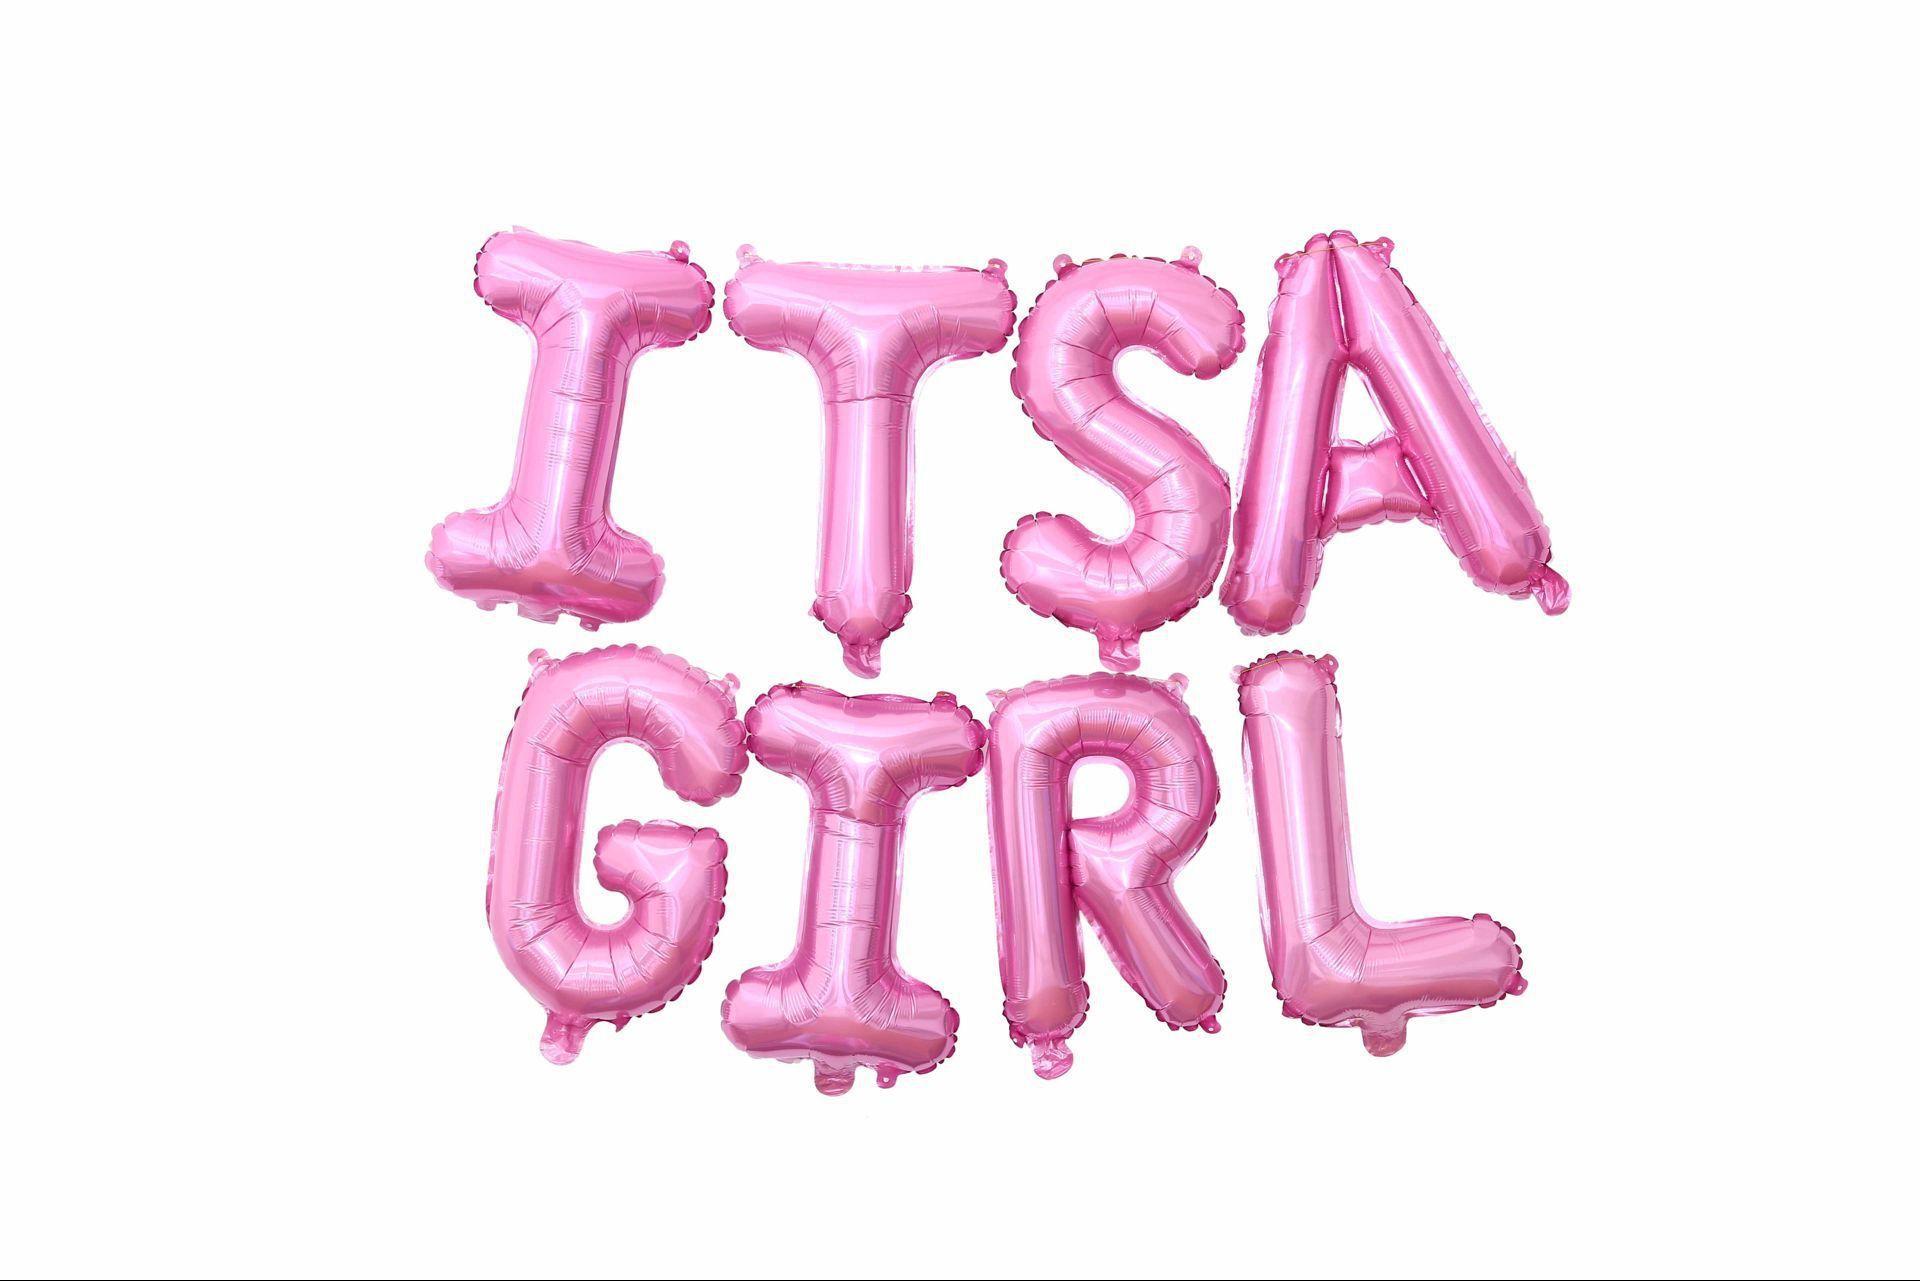 Ele é um alumínio menina balão filme crianças do aniversário das meninas do bebê Primeiro Ano decoração do partido definir balão bebê